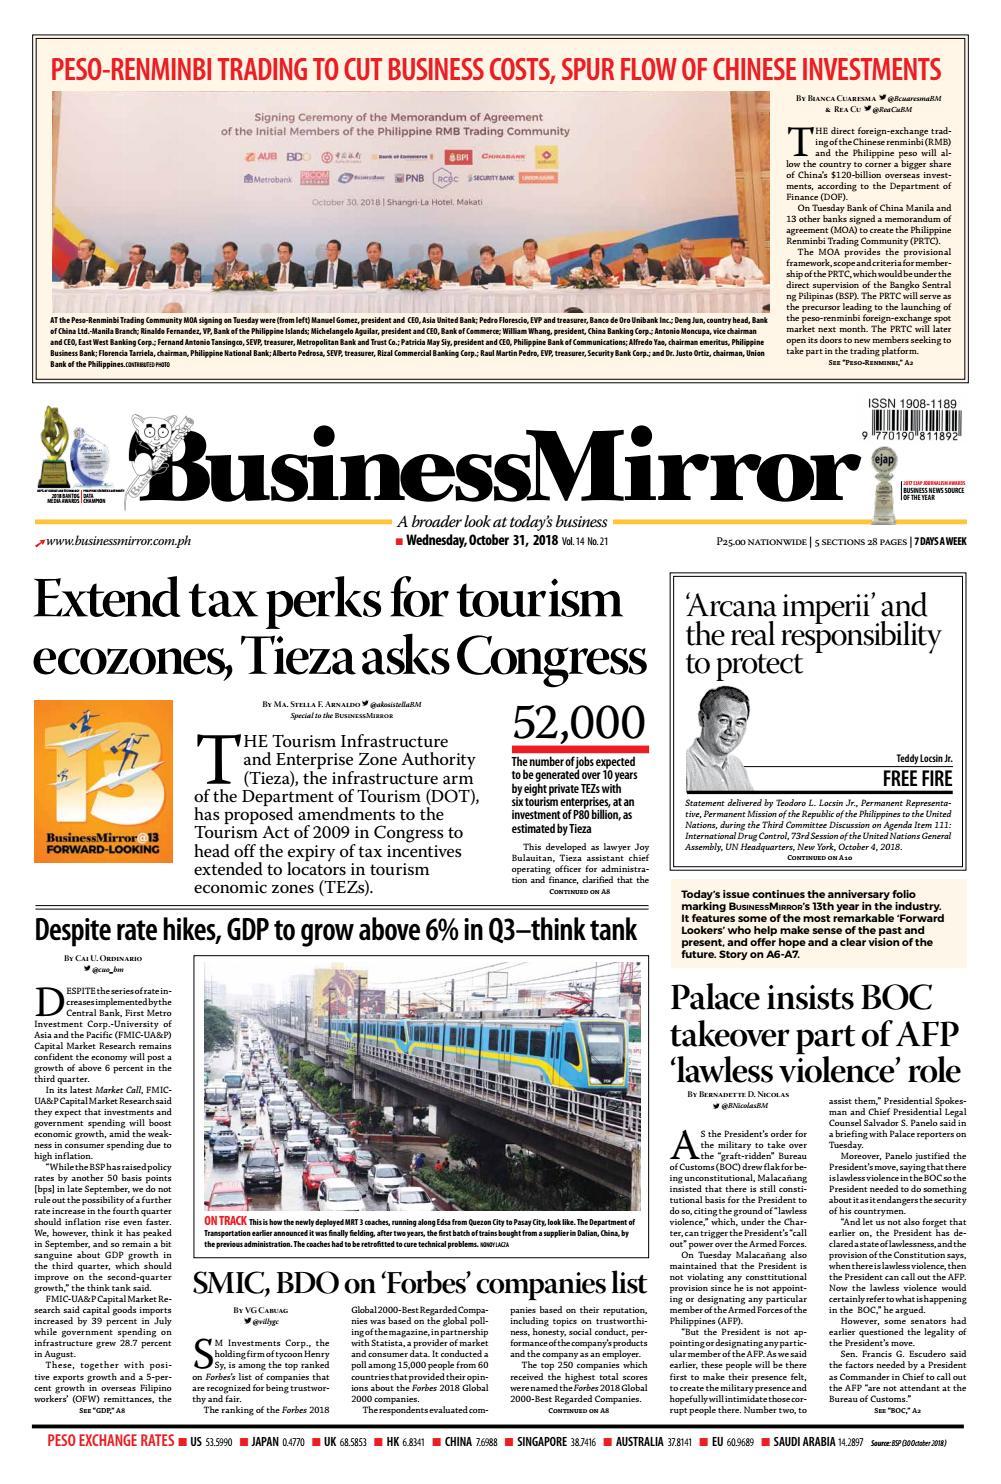 BusinessMirror October 31, 2018 by BusinessMirror - issuu